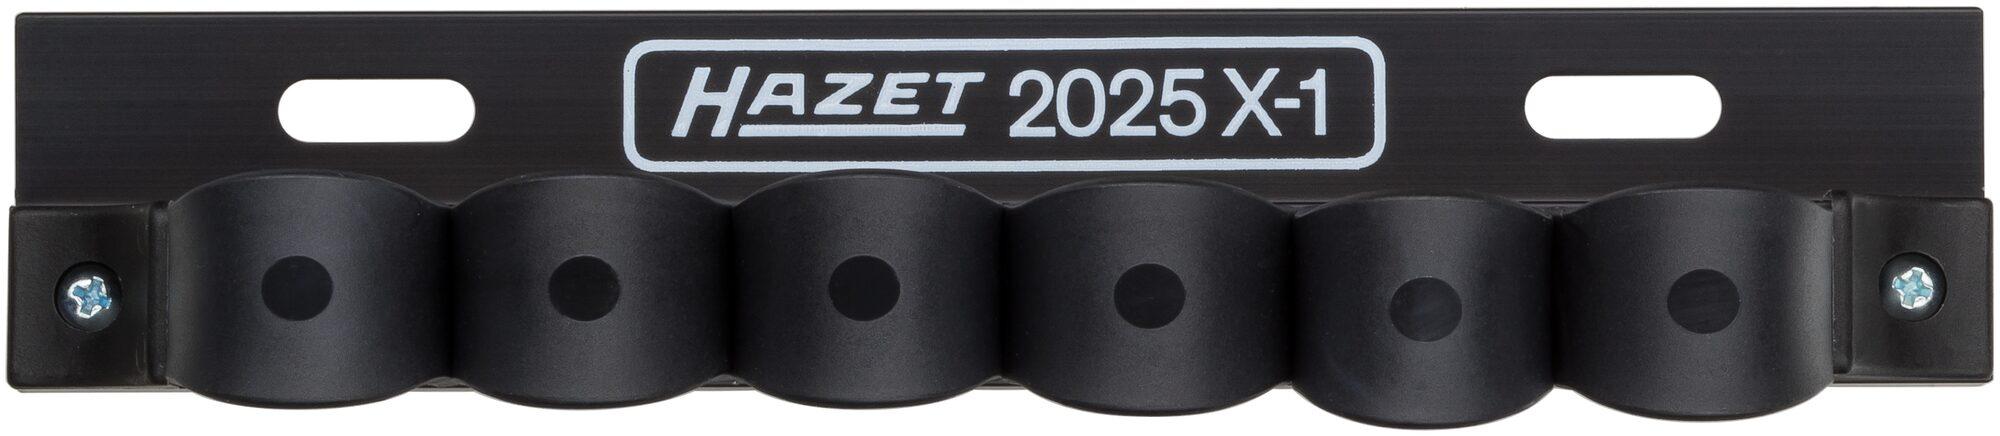 HAZET Werkzeug Halter 2025X-1